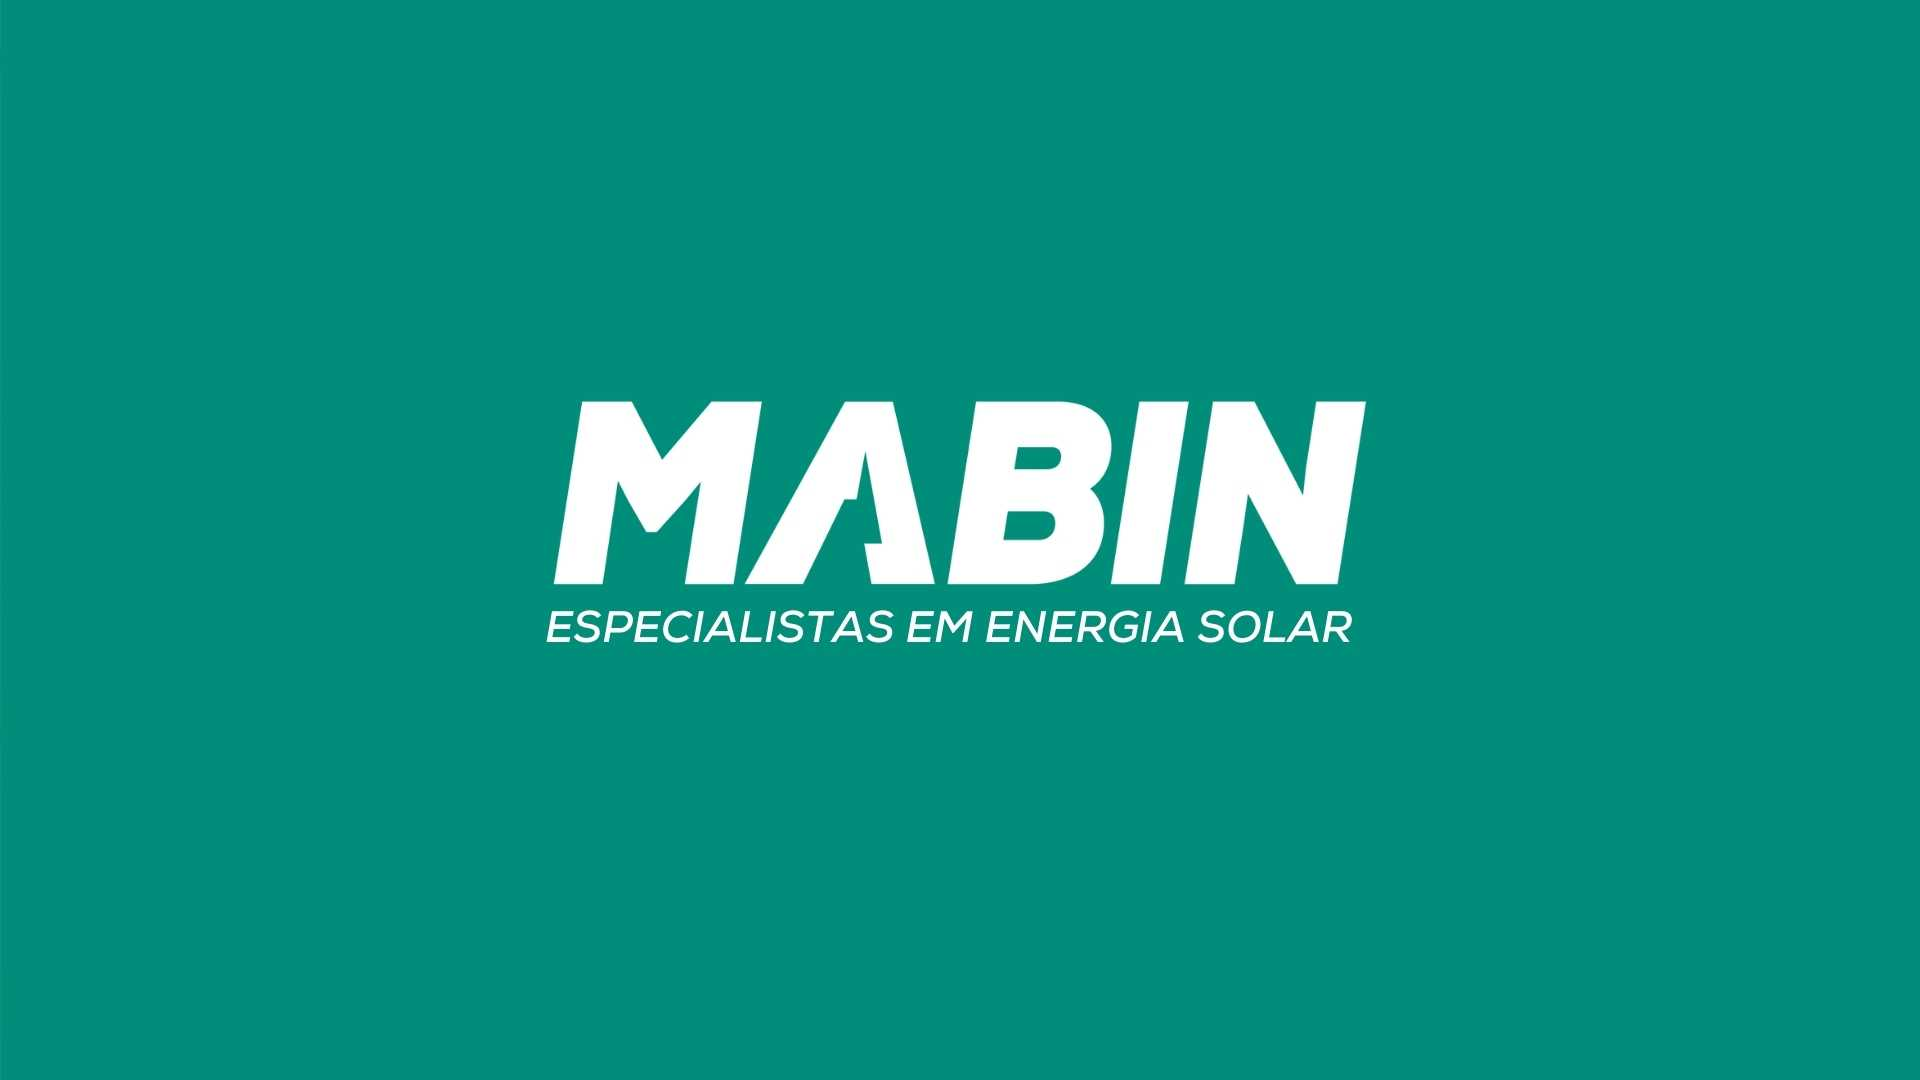 MABIN - Especialistas em energia solar